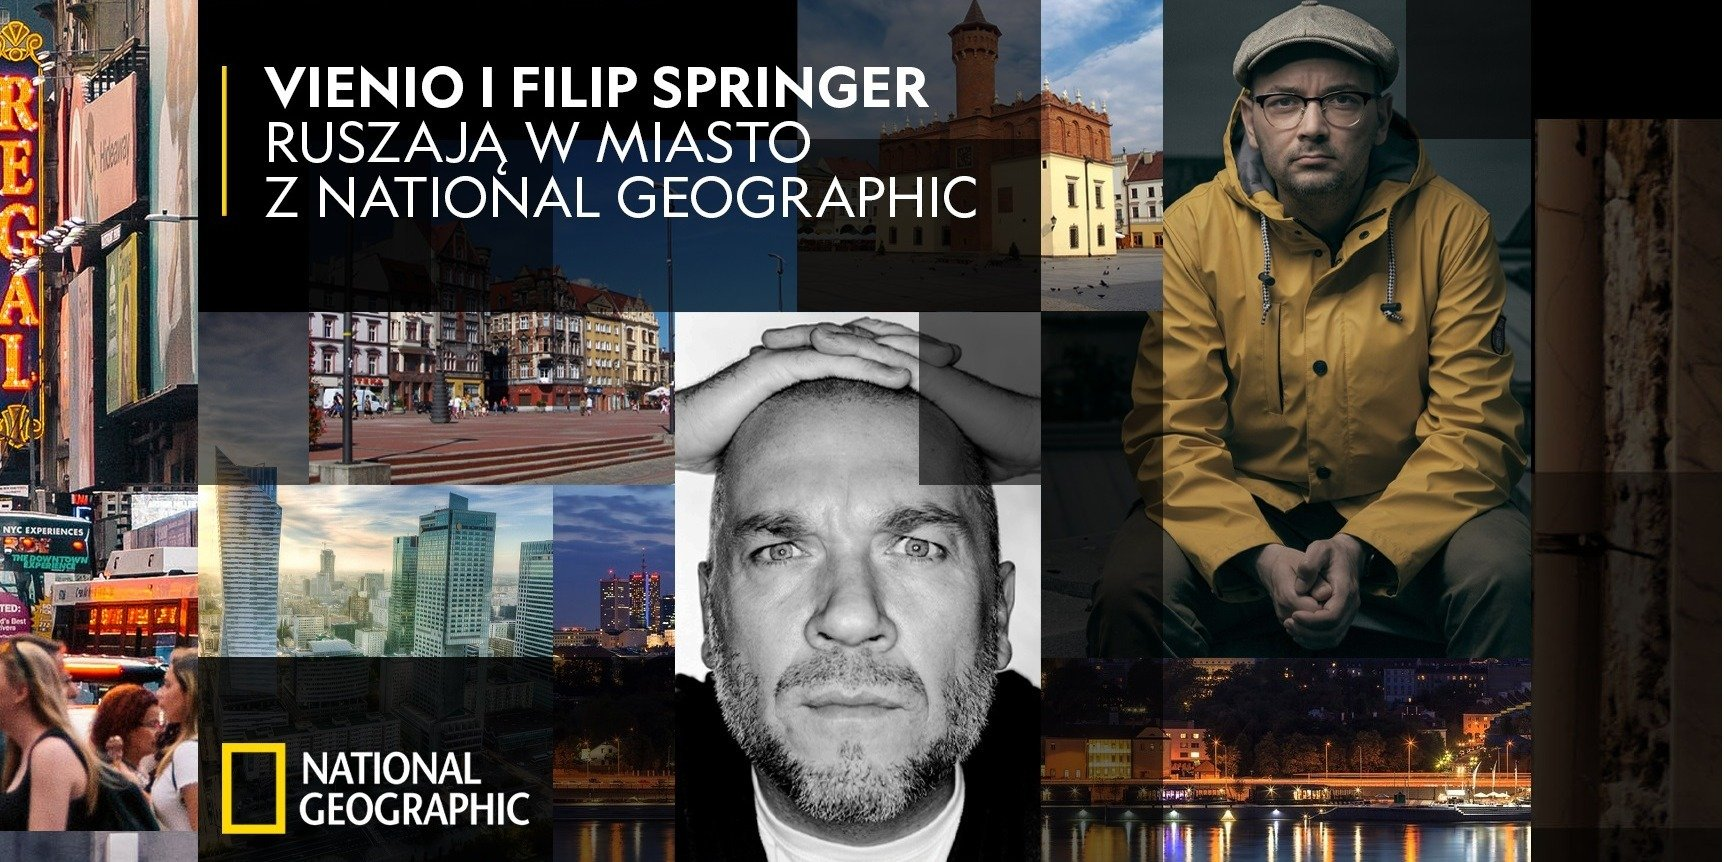 Vienio i Filip Springer ruszają w miasto z National Geographic #jesttyledoodkrycia